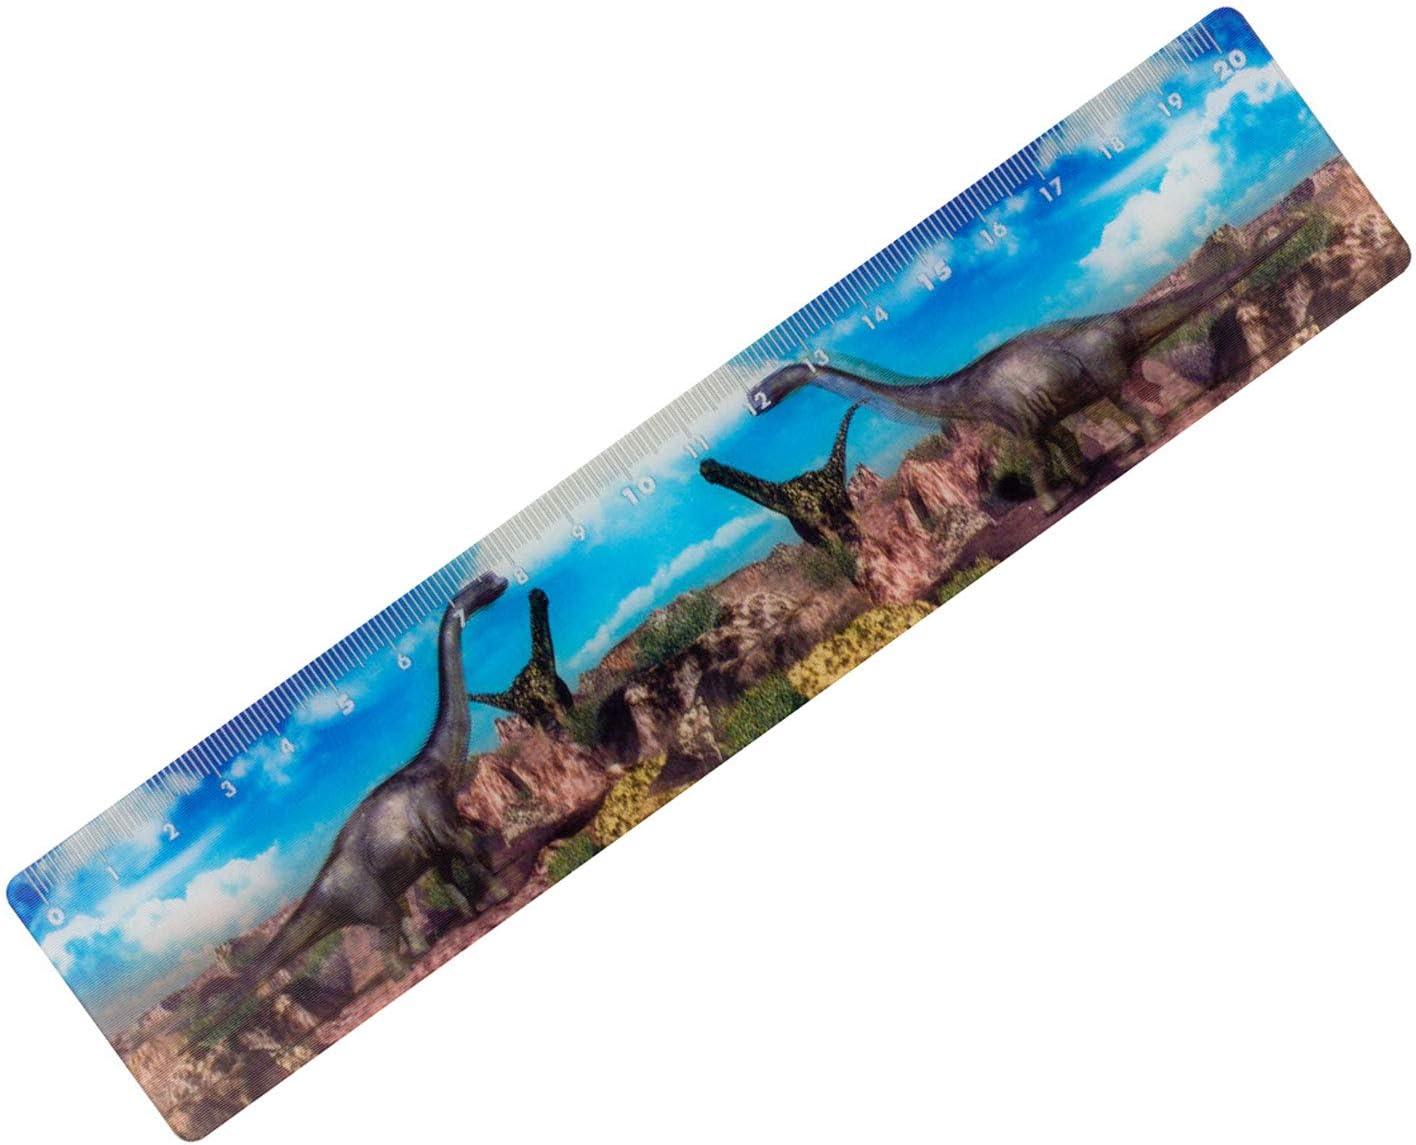 sortiert in 5 verschiedenen Designs 20 cm lang biegsam und bruchsicher Lineal mit 3D animiertem Dino-Motiv Stylex 44156